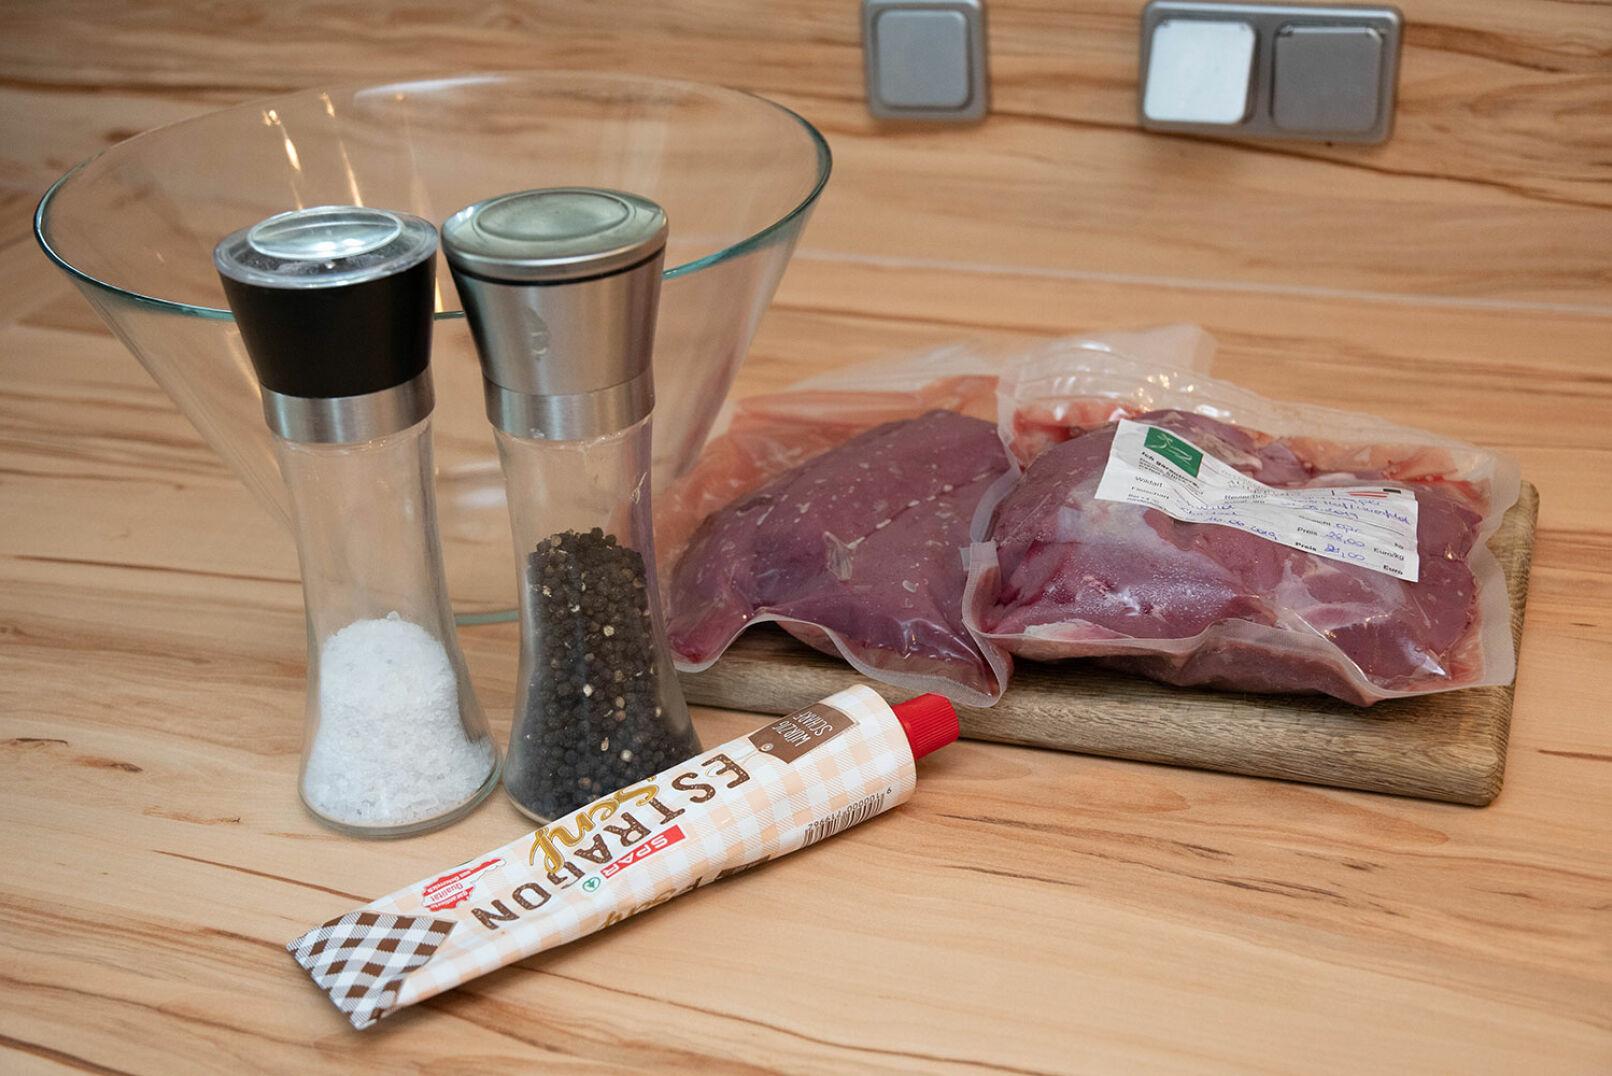 Für die Zubereitung des Rehrückens wird lediglich Salz, Pfeffer und etwas Estragonsenf benötigt. - © Barbara Marko